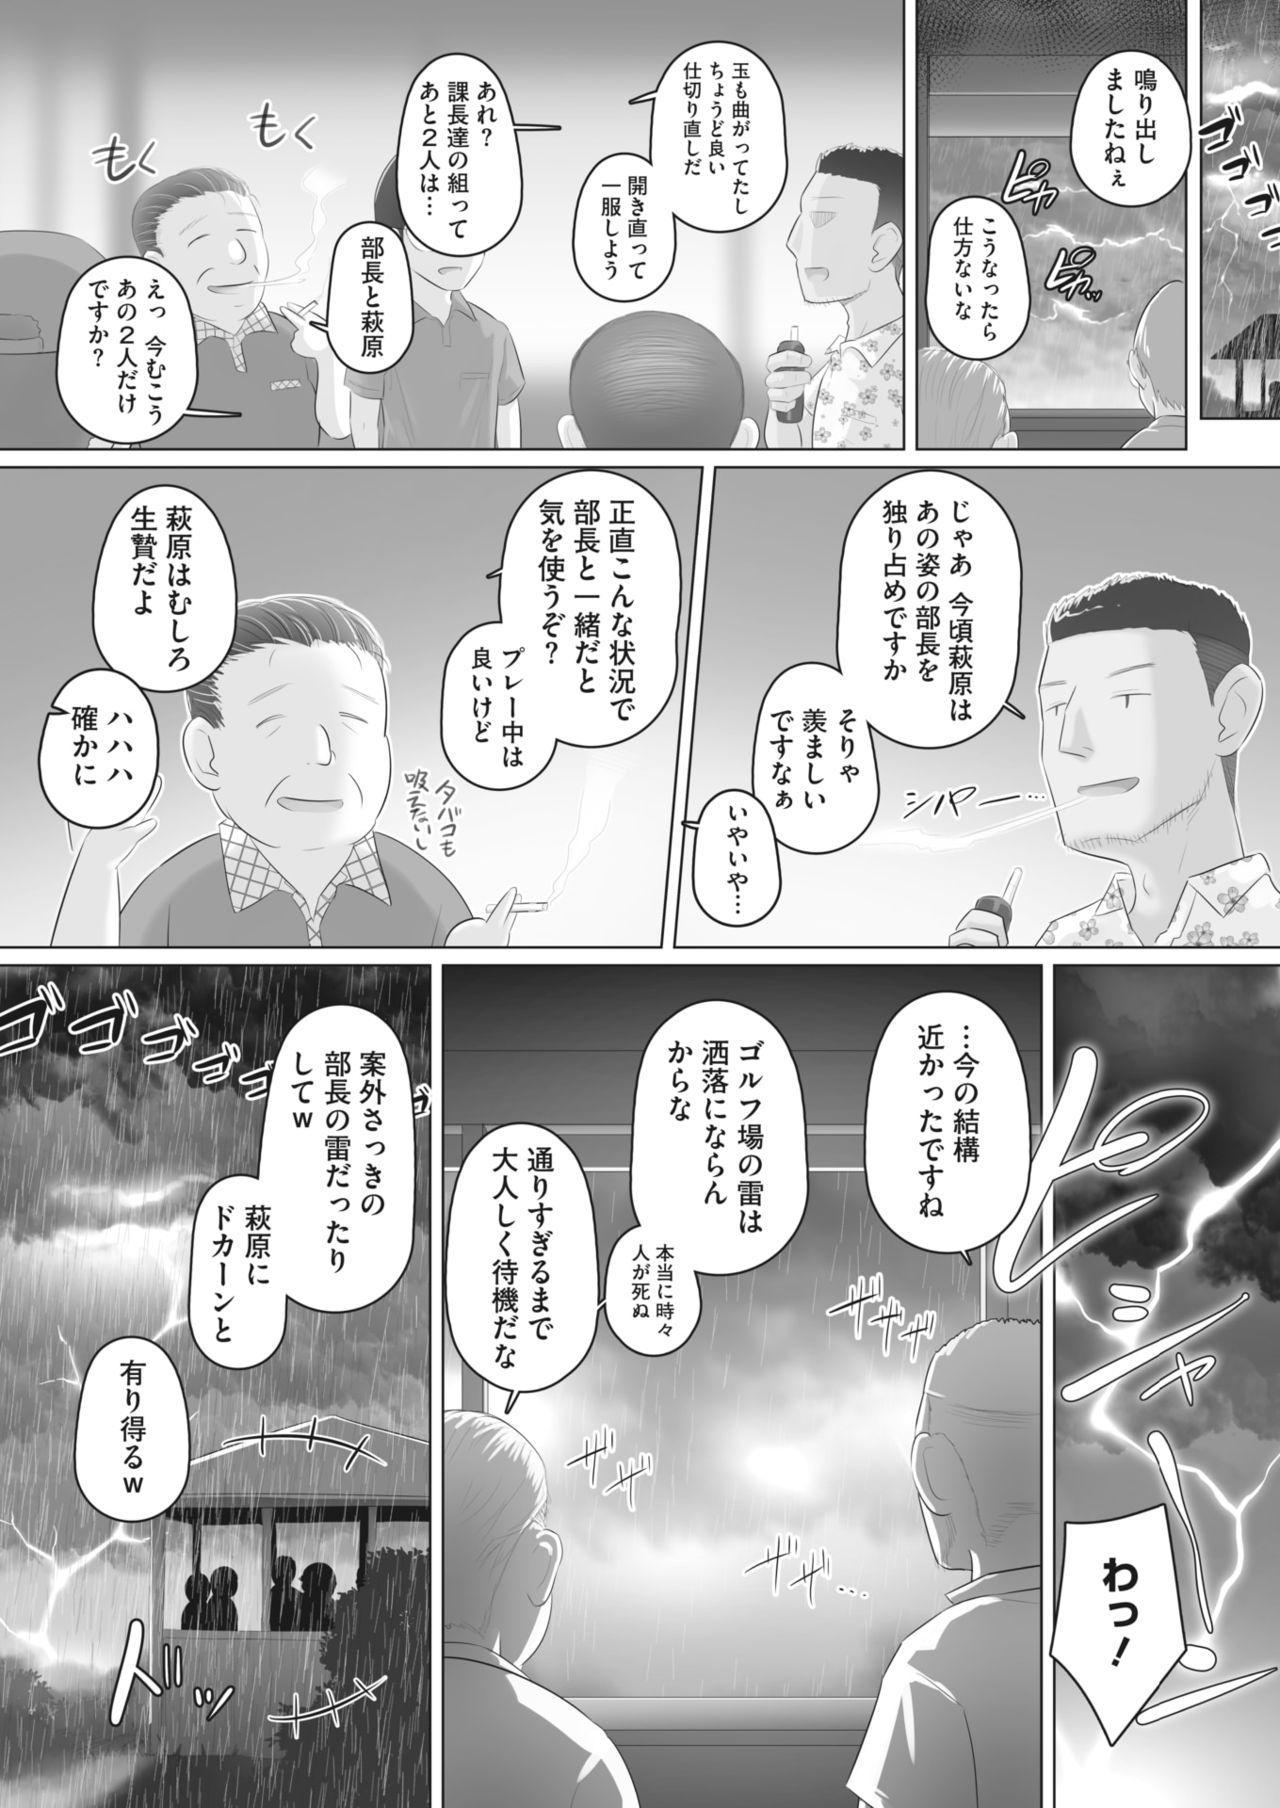 [Urayoroduya (Yoroduya Hyakuhachi)] Ki no Tsuyoi Onna Joushi (31-sai Hitozuma) Matome 105